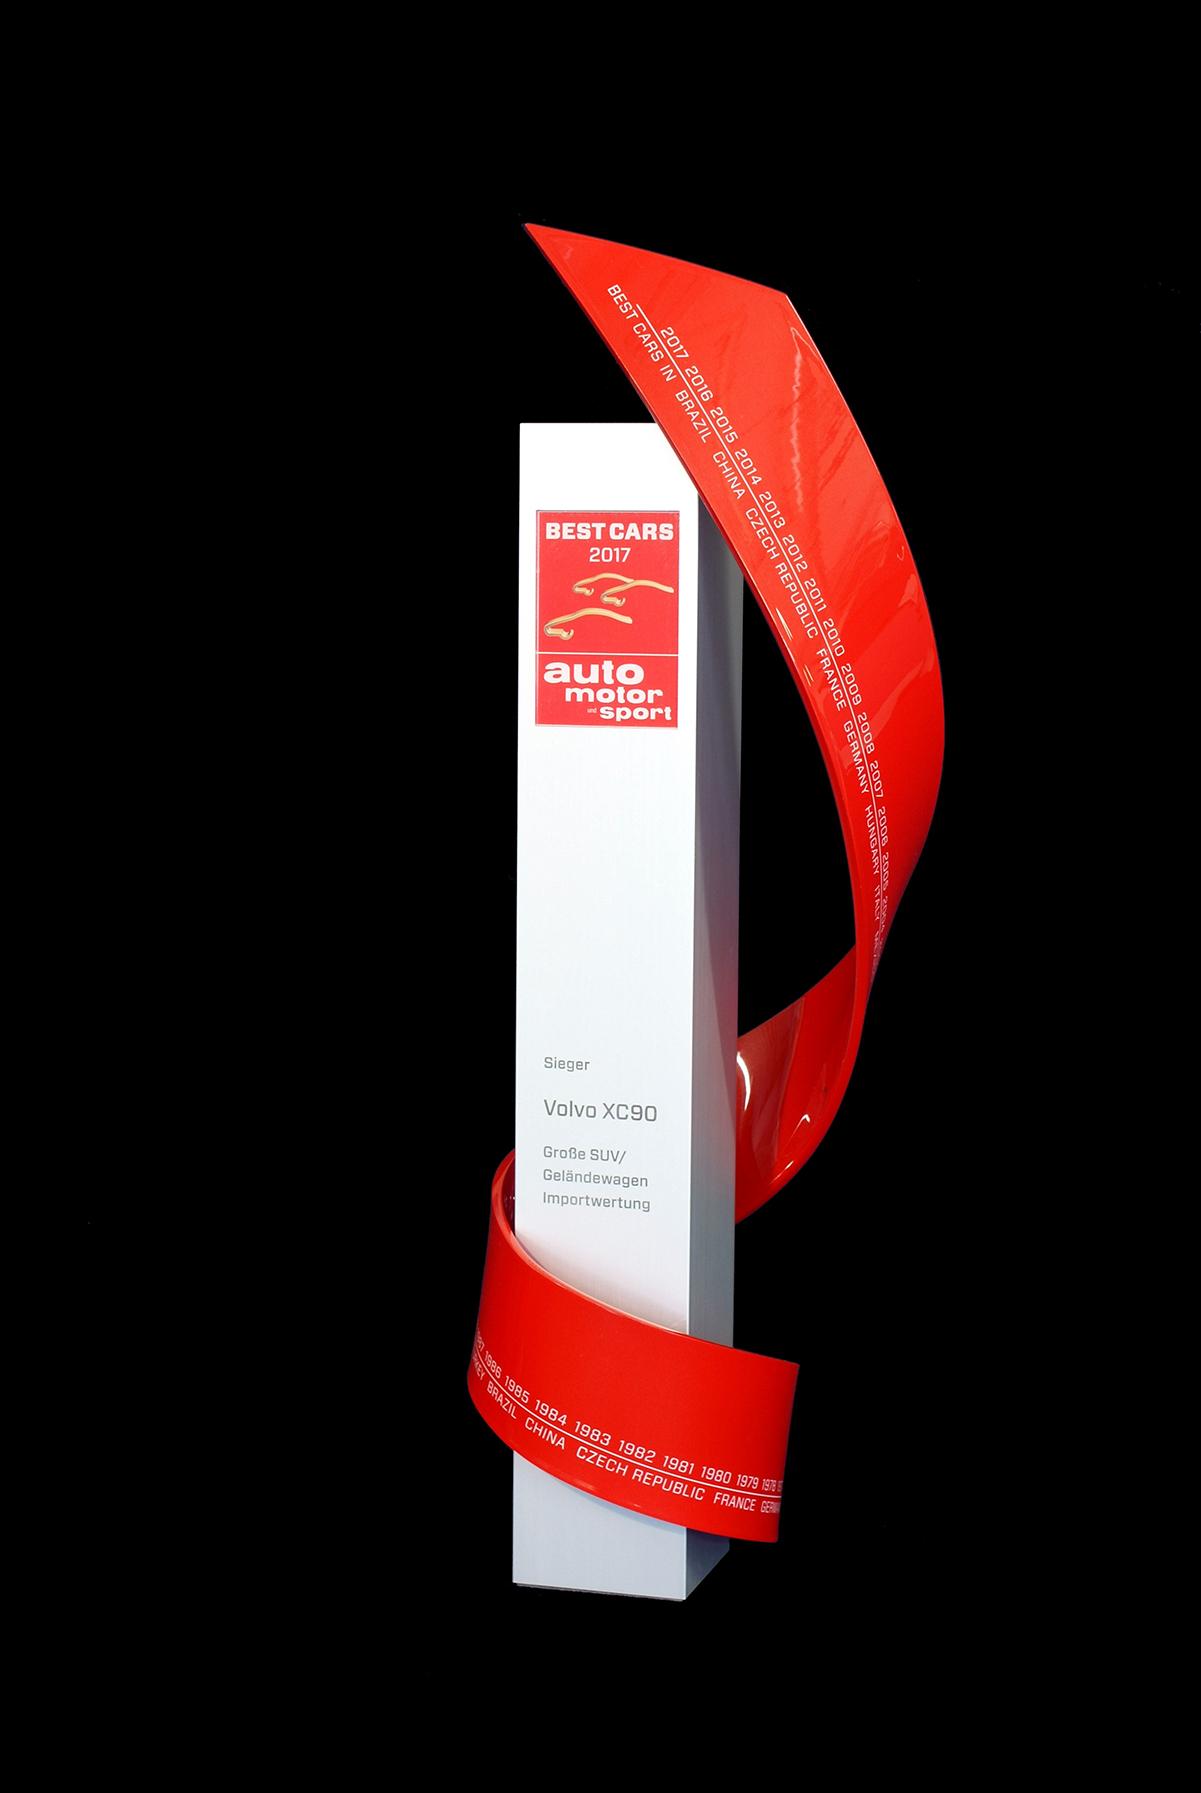 Best Cars Award, Auto Motor und Sport